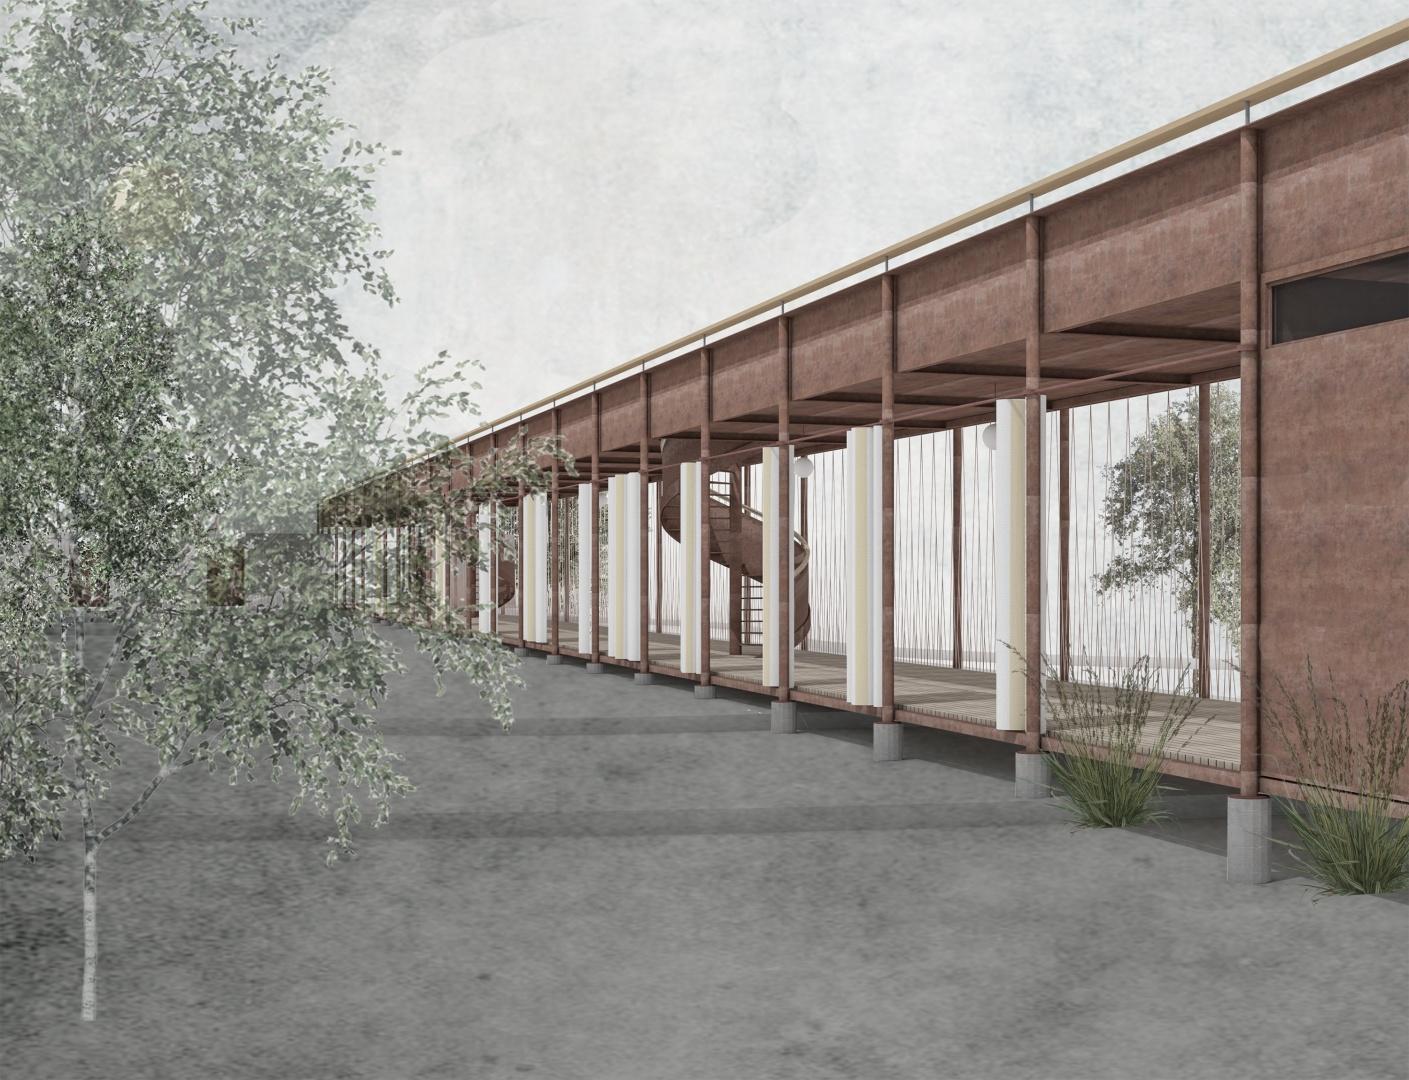 Stahlbrücke © Tania Cruz